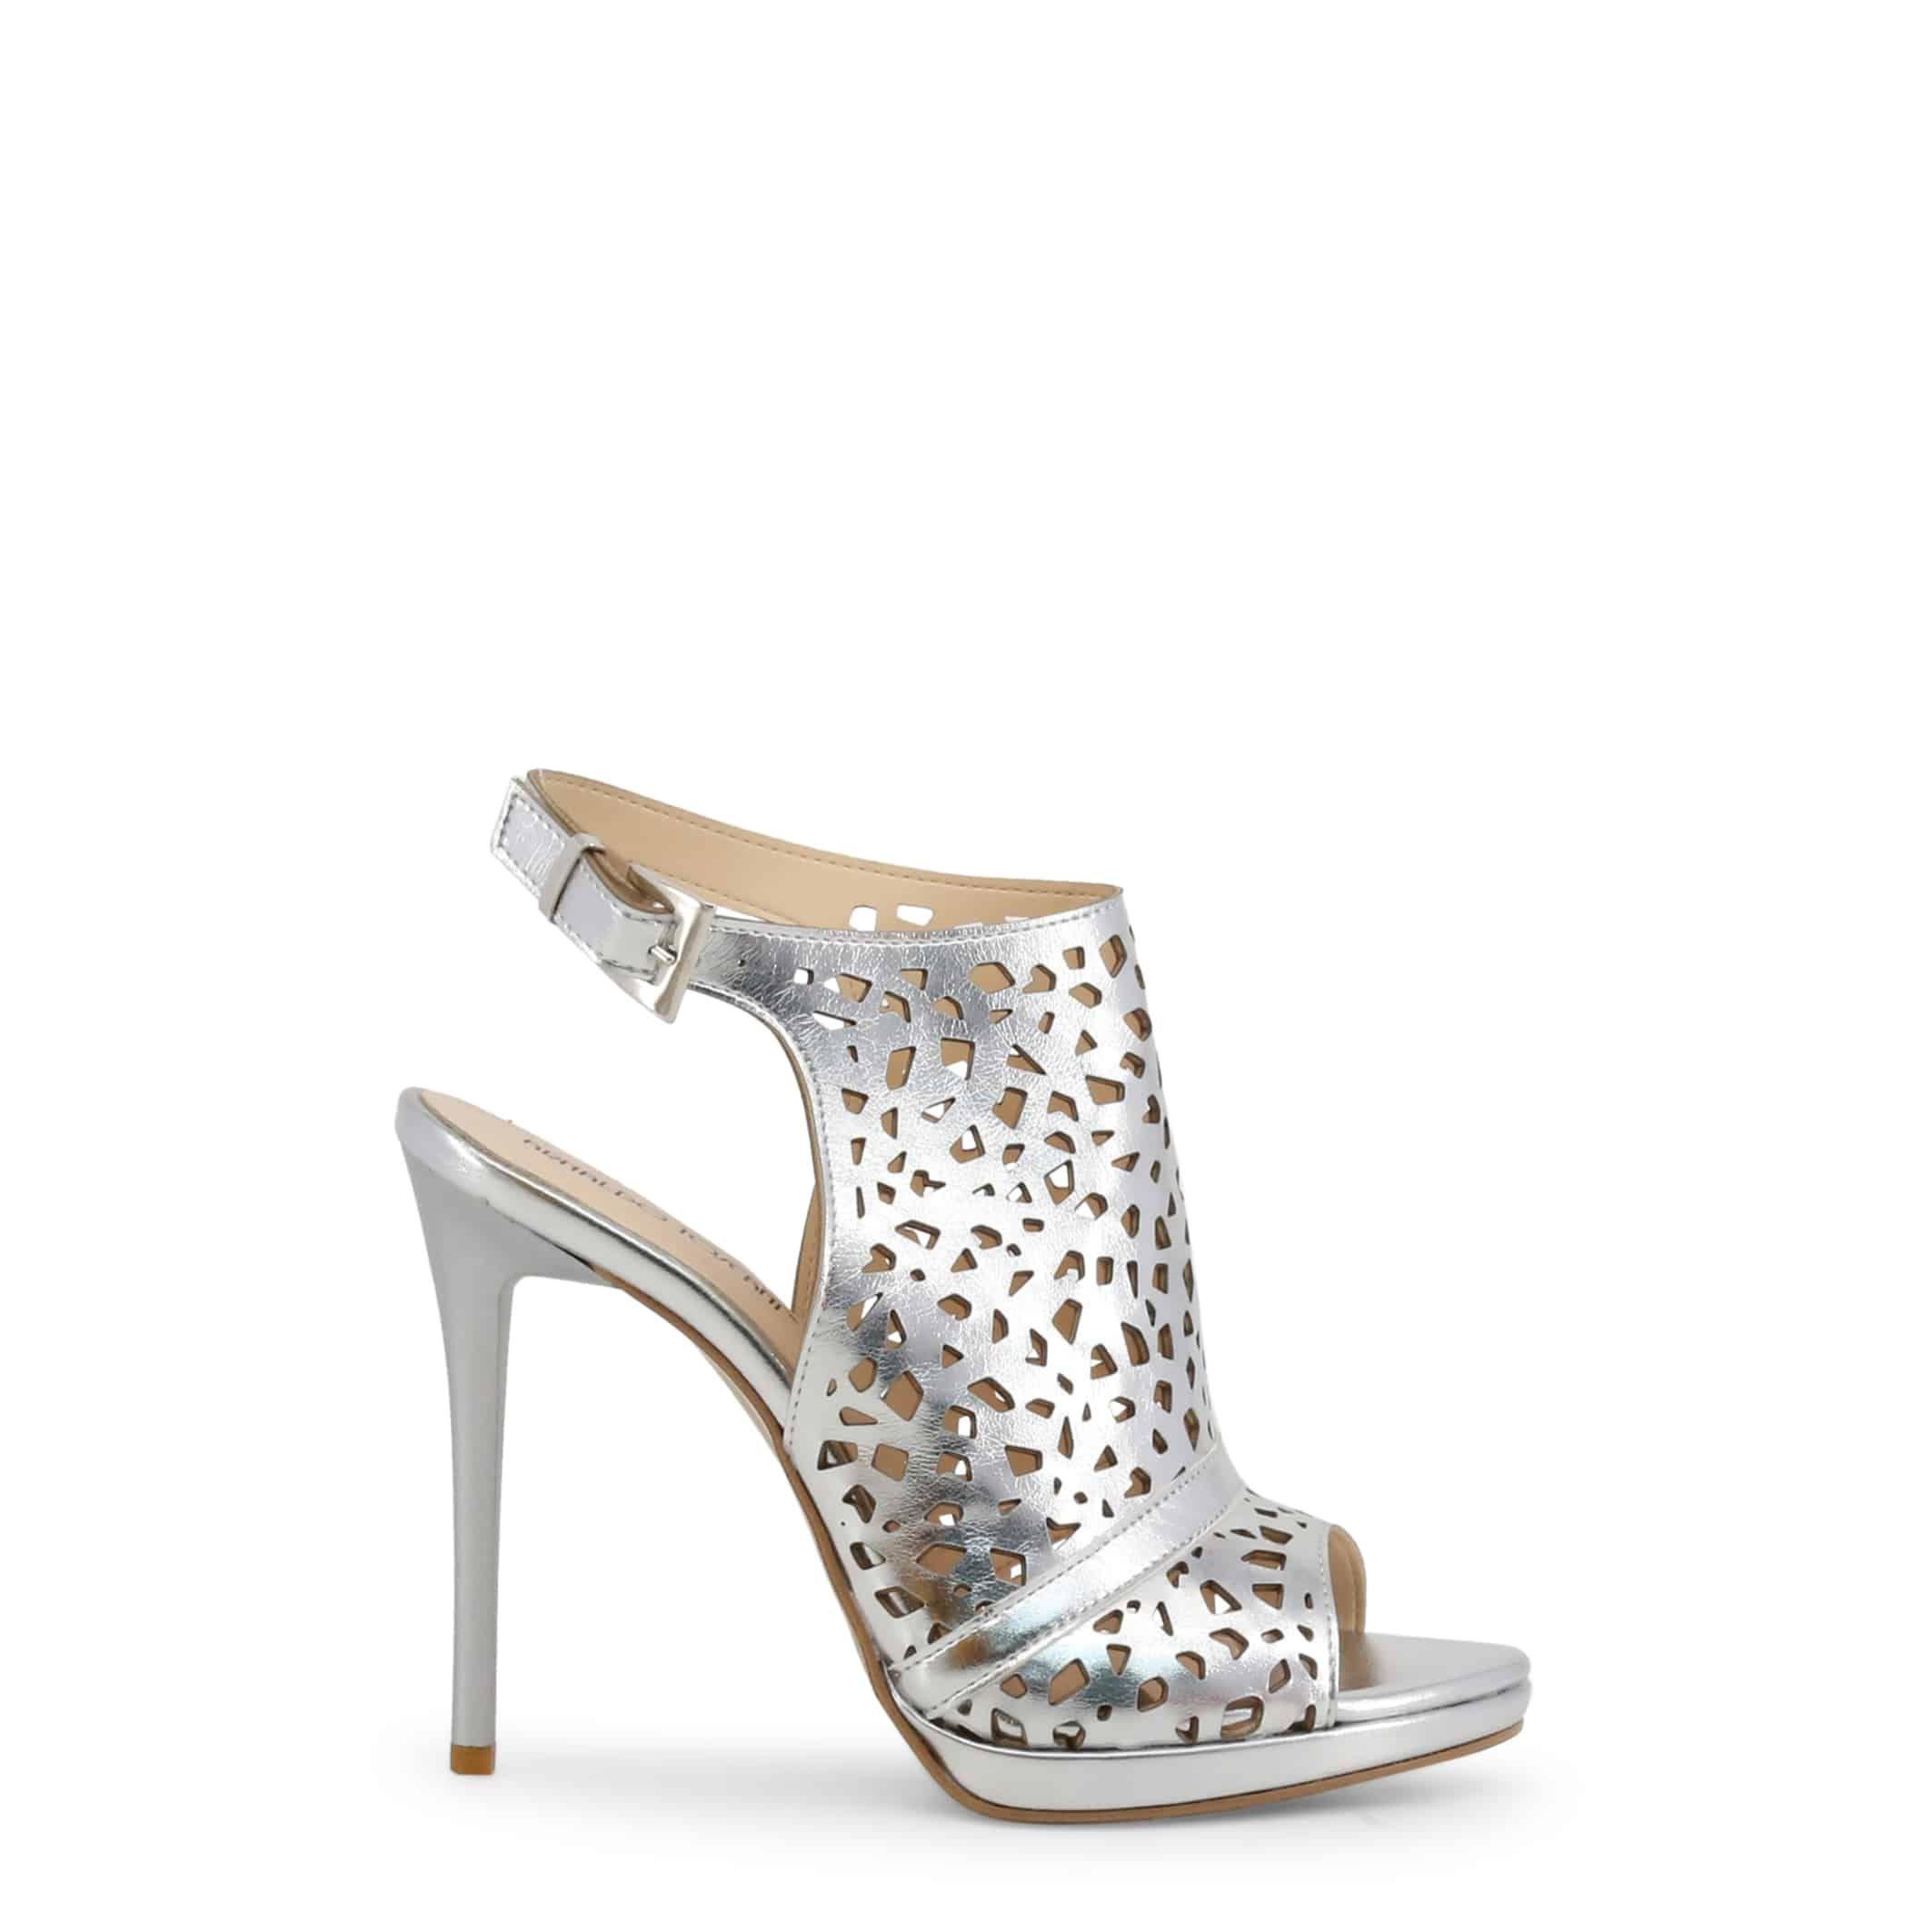 Schuhe U.S. Polo Assn. – WOUCK7108W8 – Braun